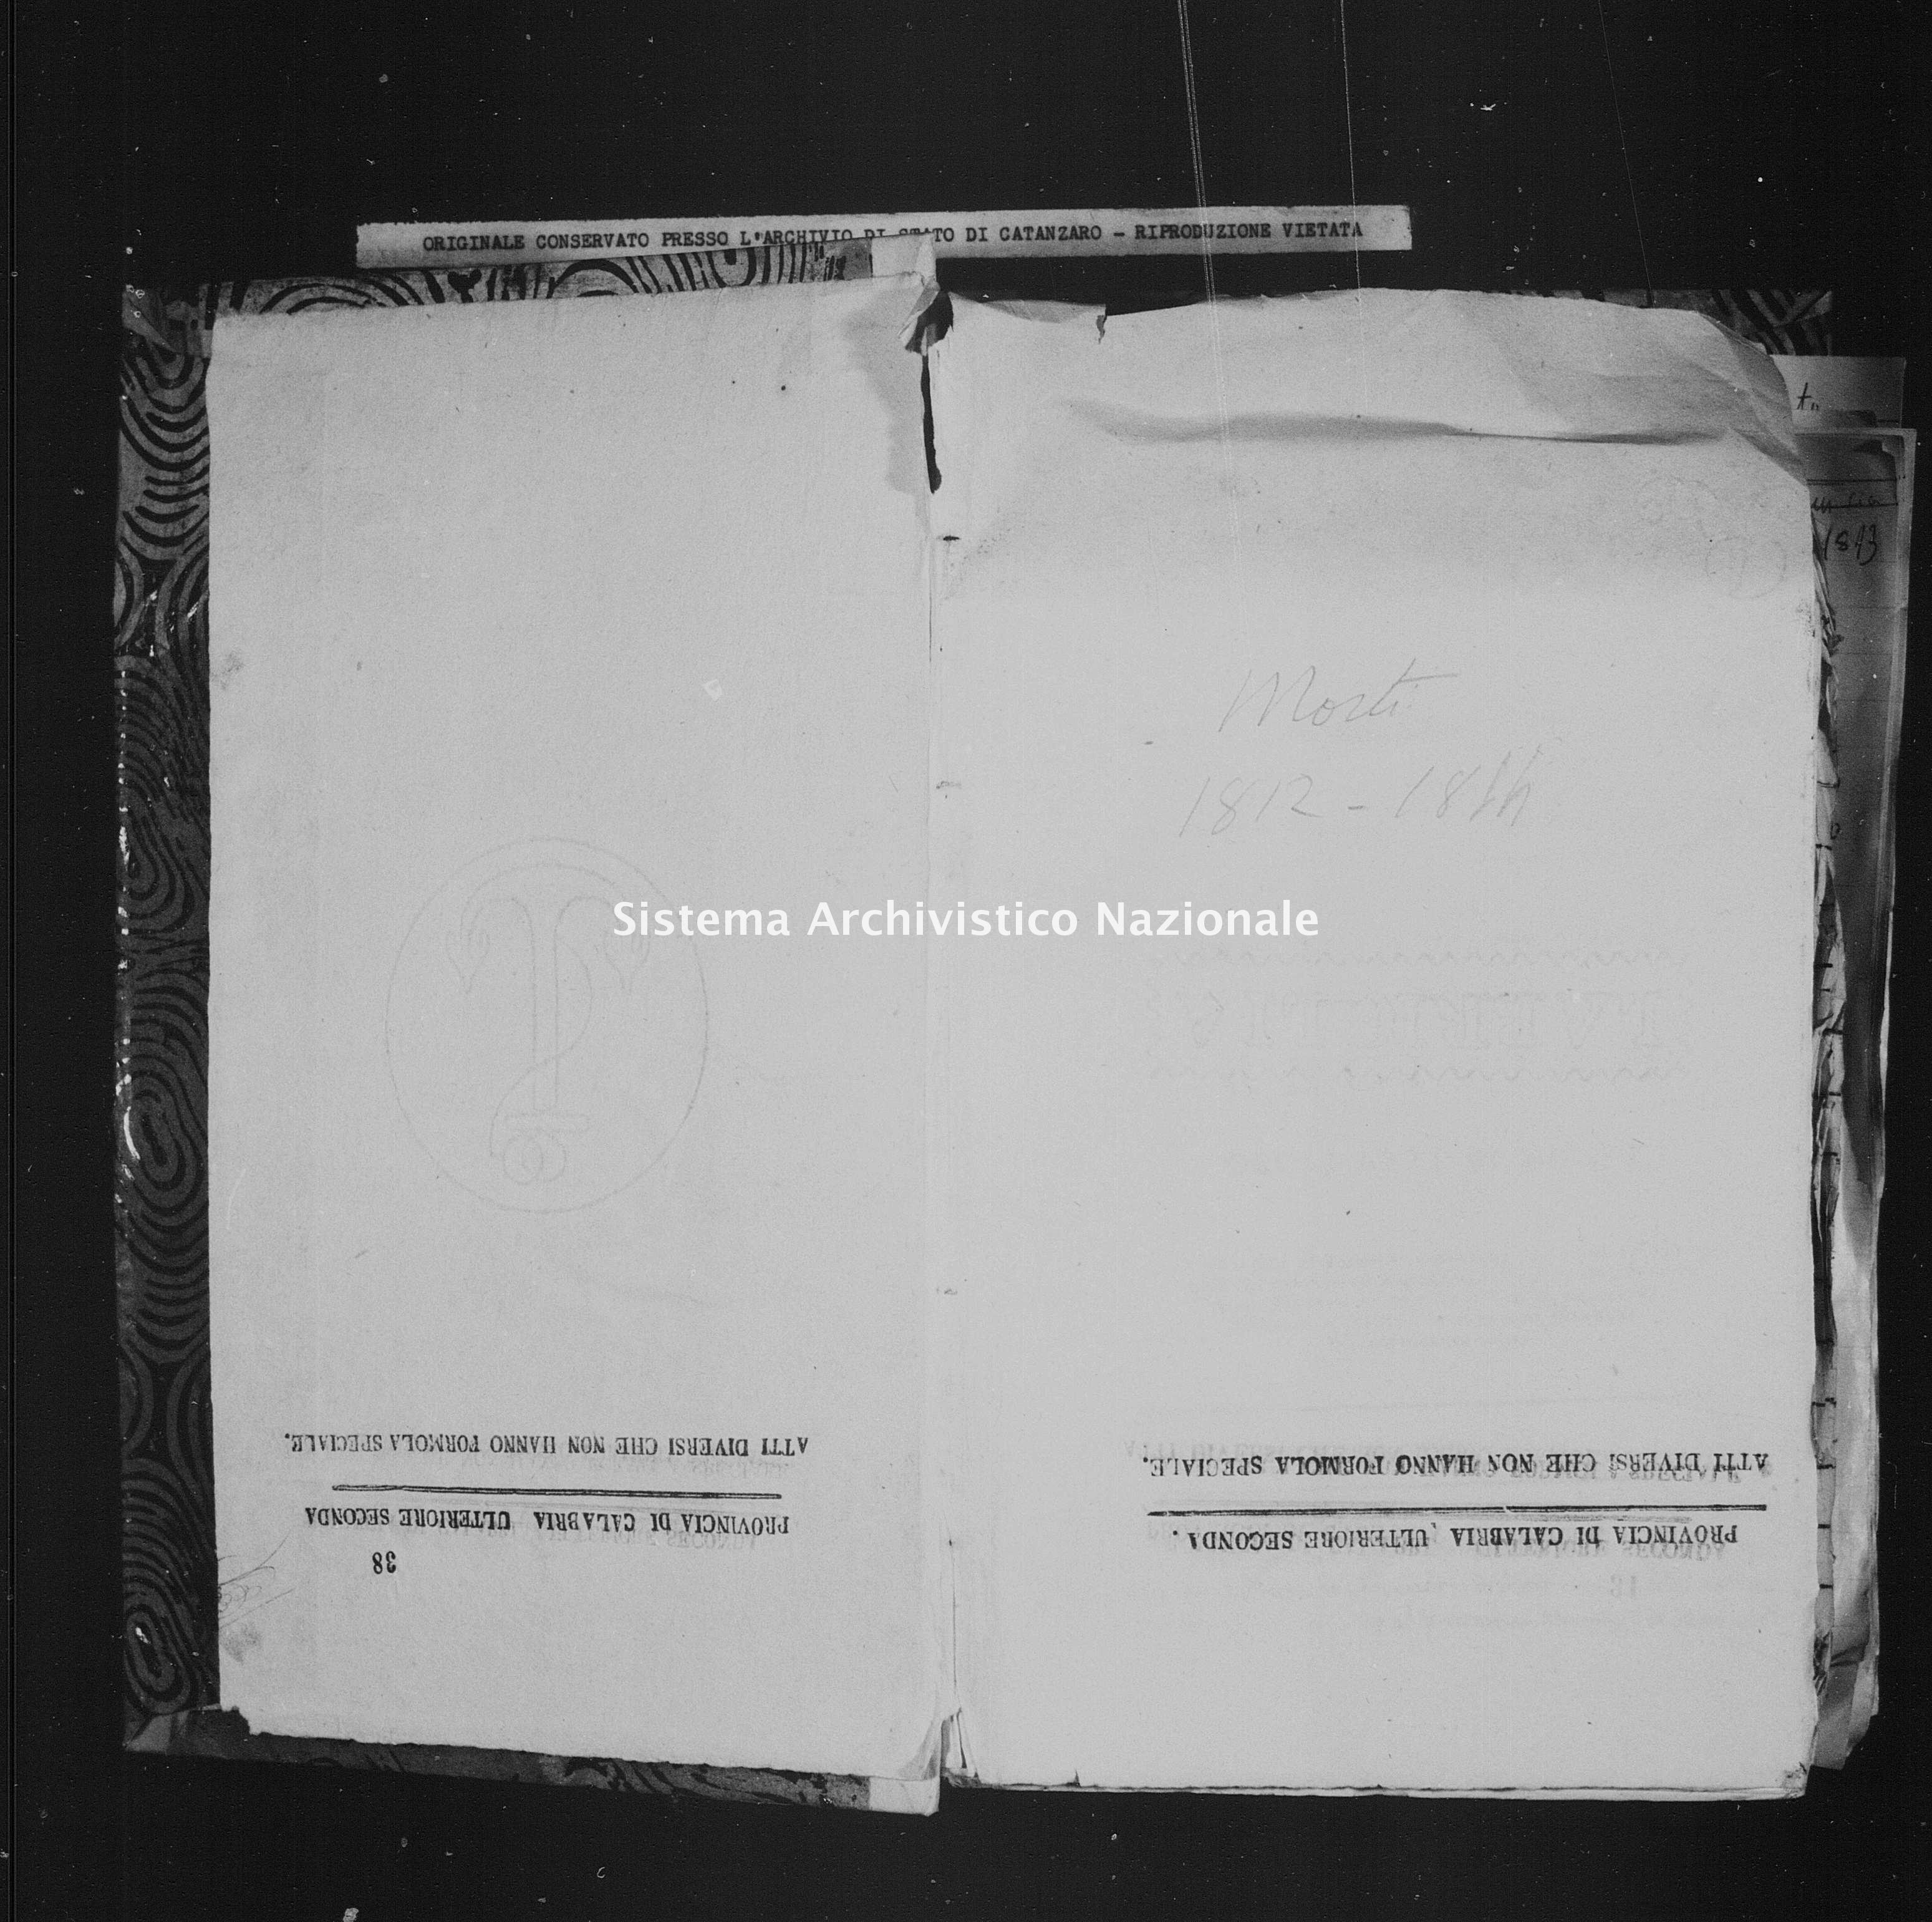 Archivio di stato di Catanzaro - Stato civile italiano - Catanzaro - Morti - 08/11/1812-31/12/1812 -